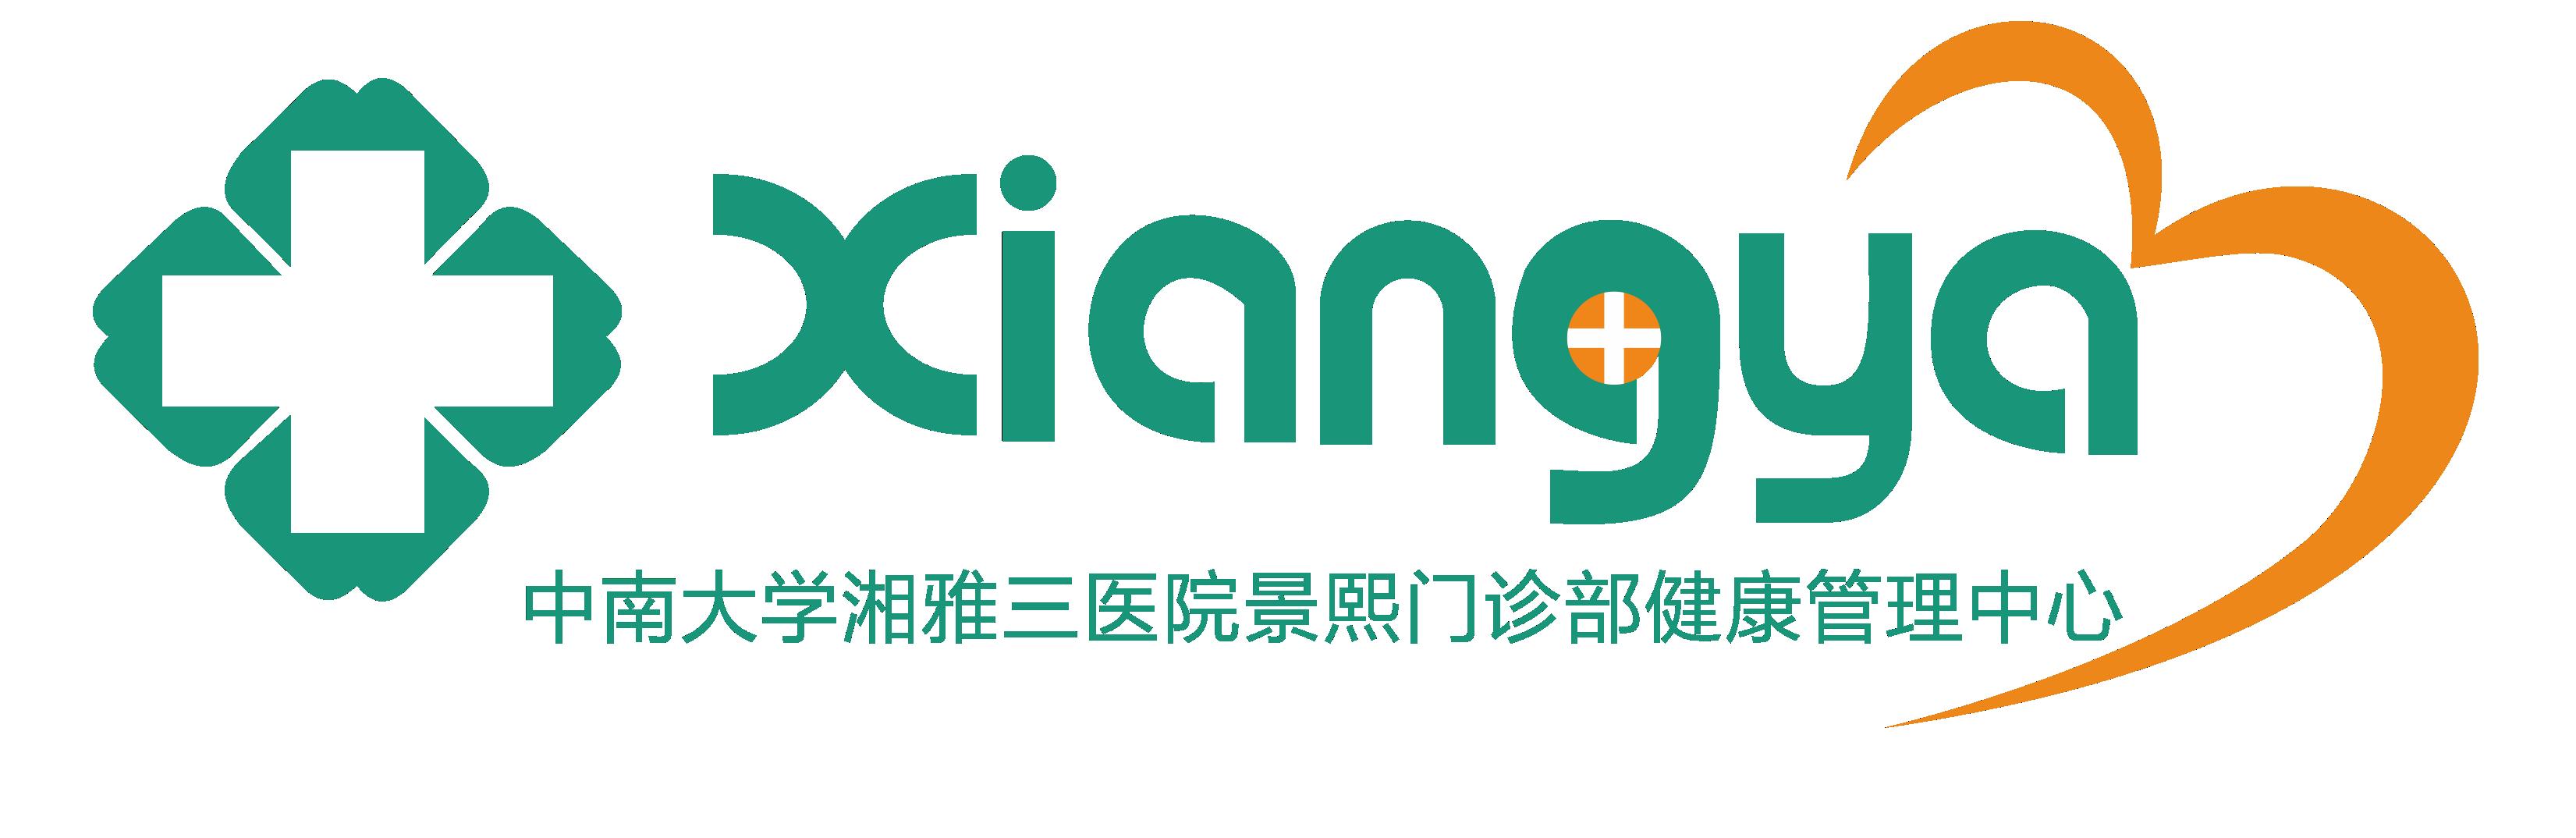 中南大学湘雅三医院景熙门诊部健康体检中心